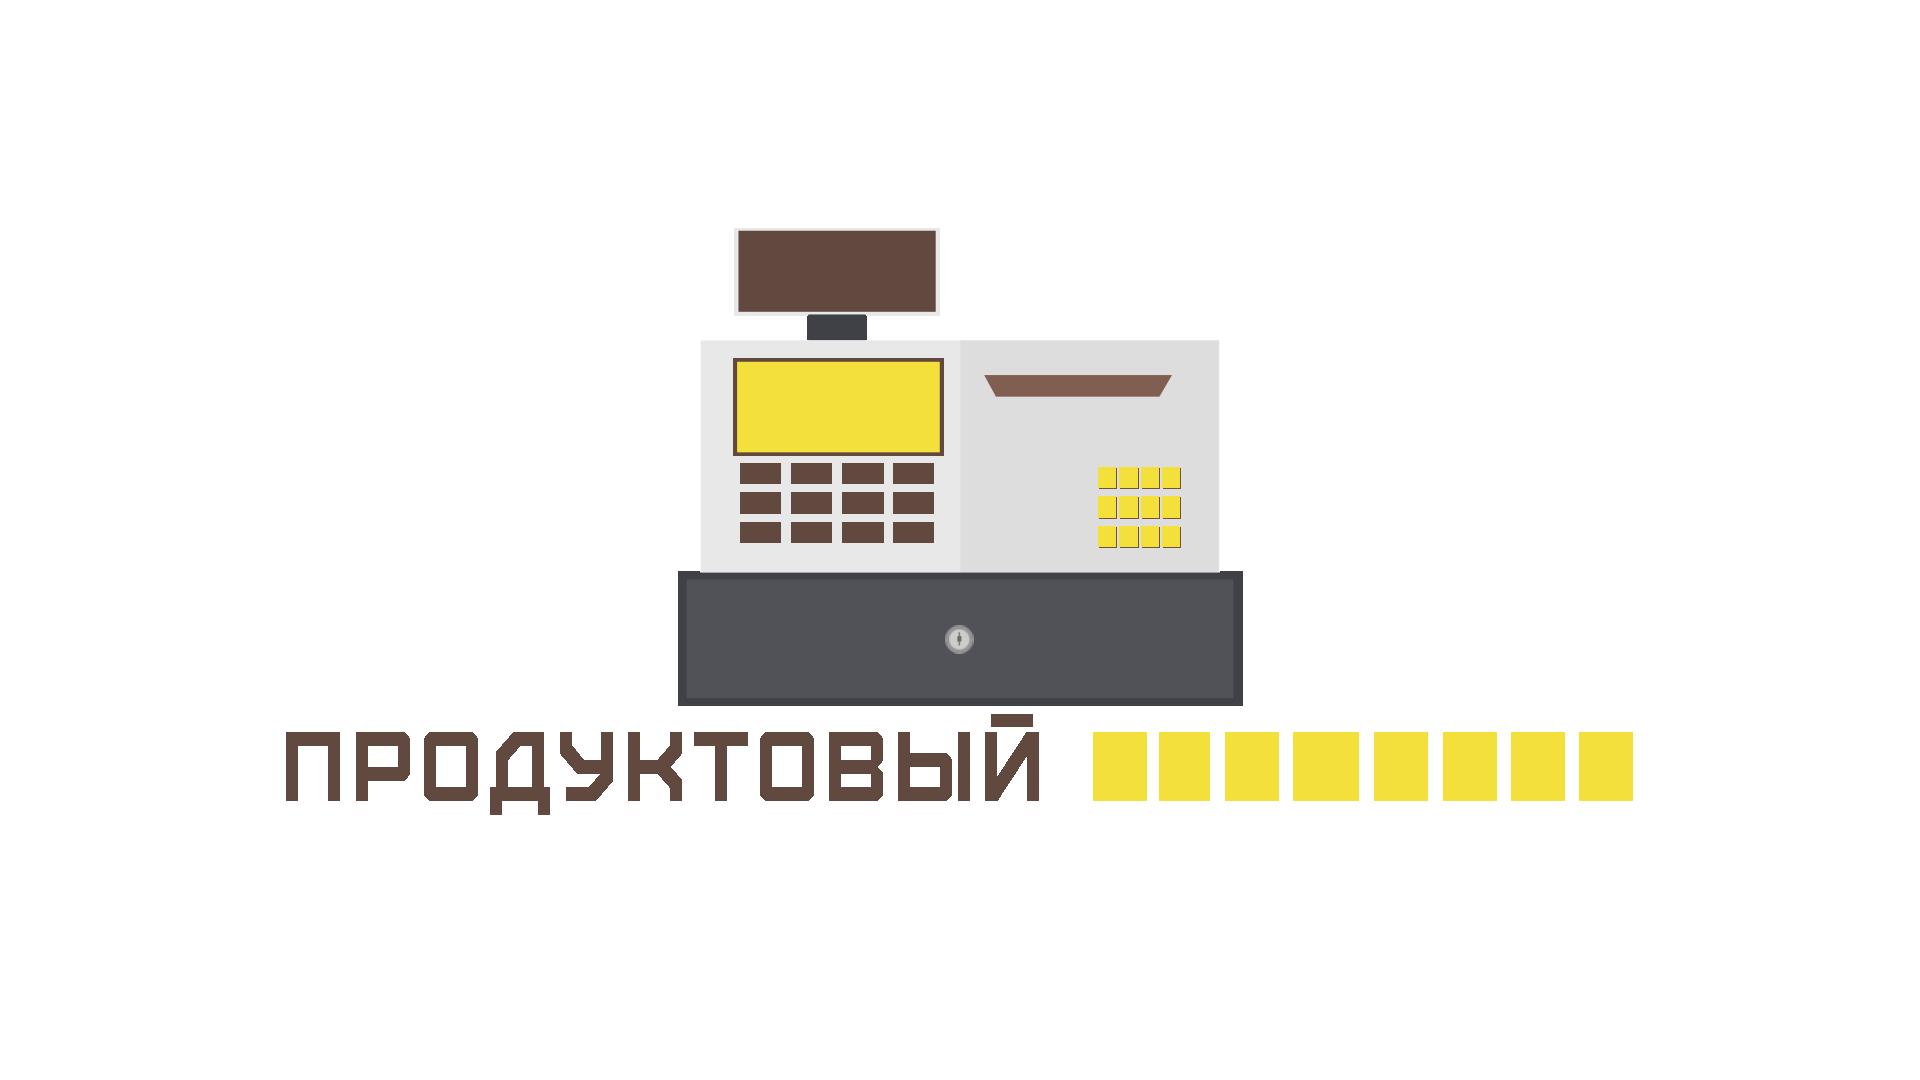 Логотип для сети продуктовых магазинов фото f_75356f9147651d5a.png